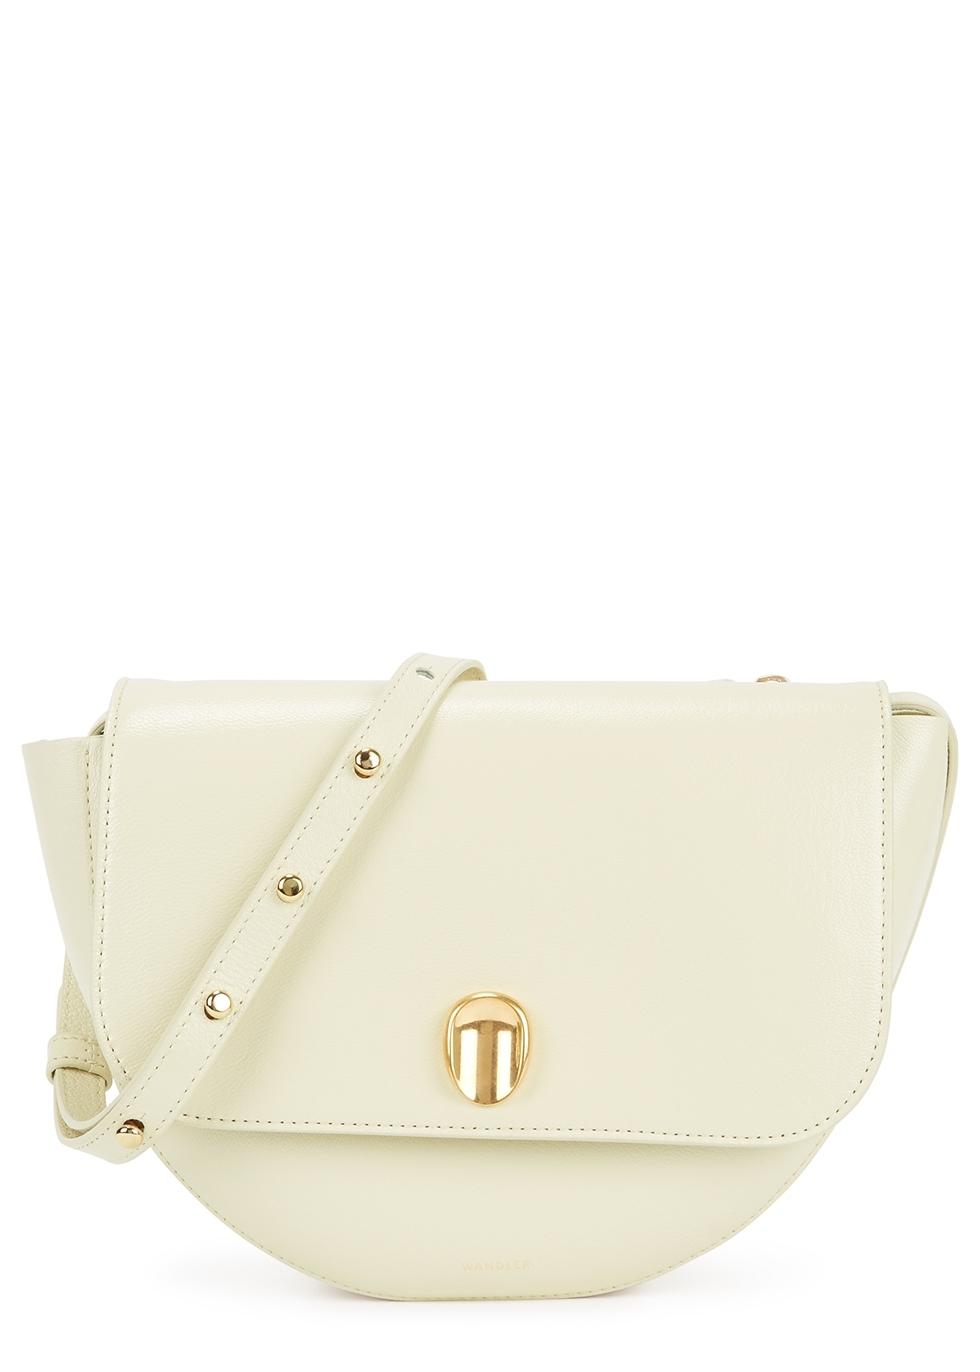 e6f6a23e7 Women's Designer Bags, Handbags and Purses - Harvey Nichols